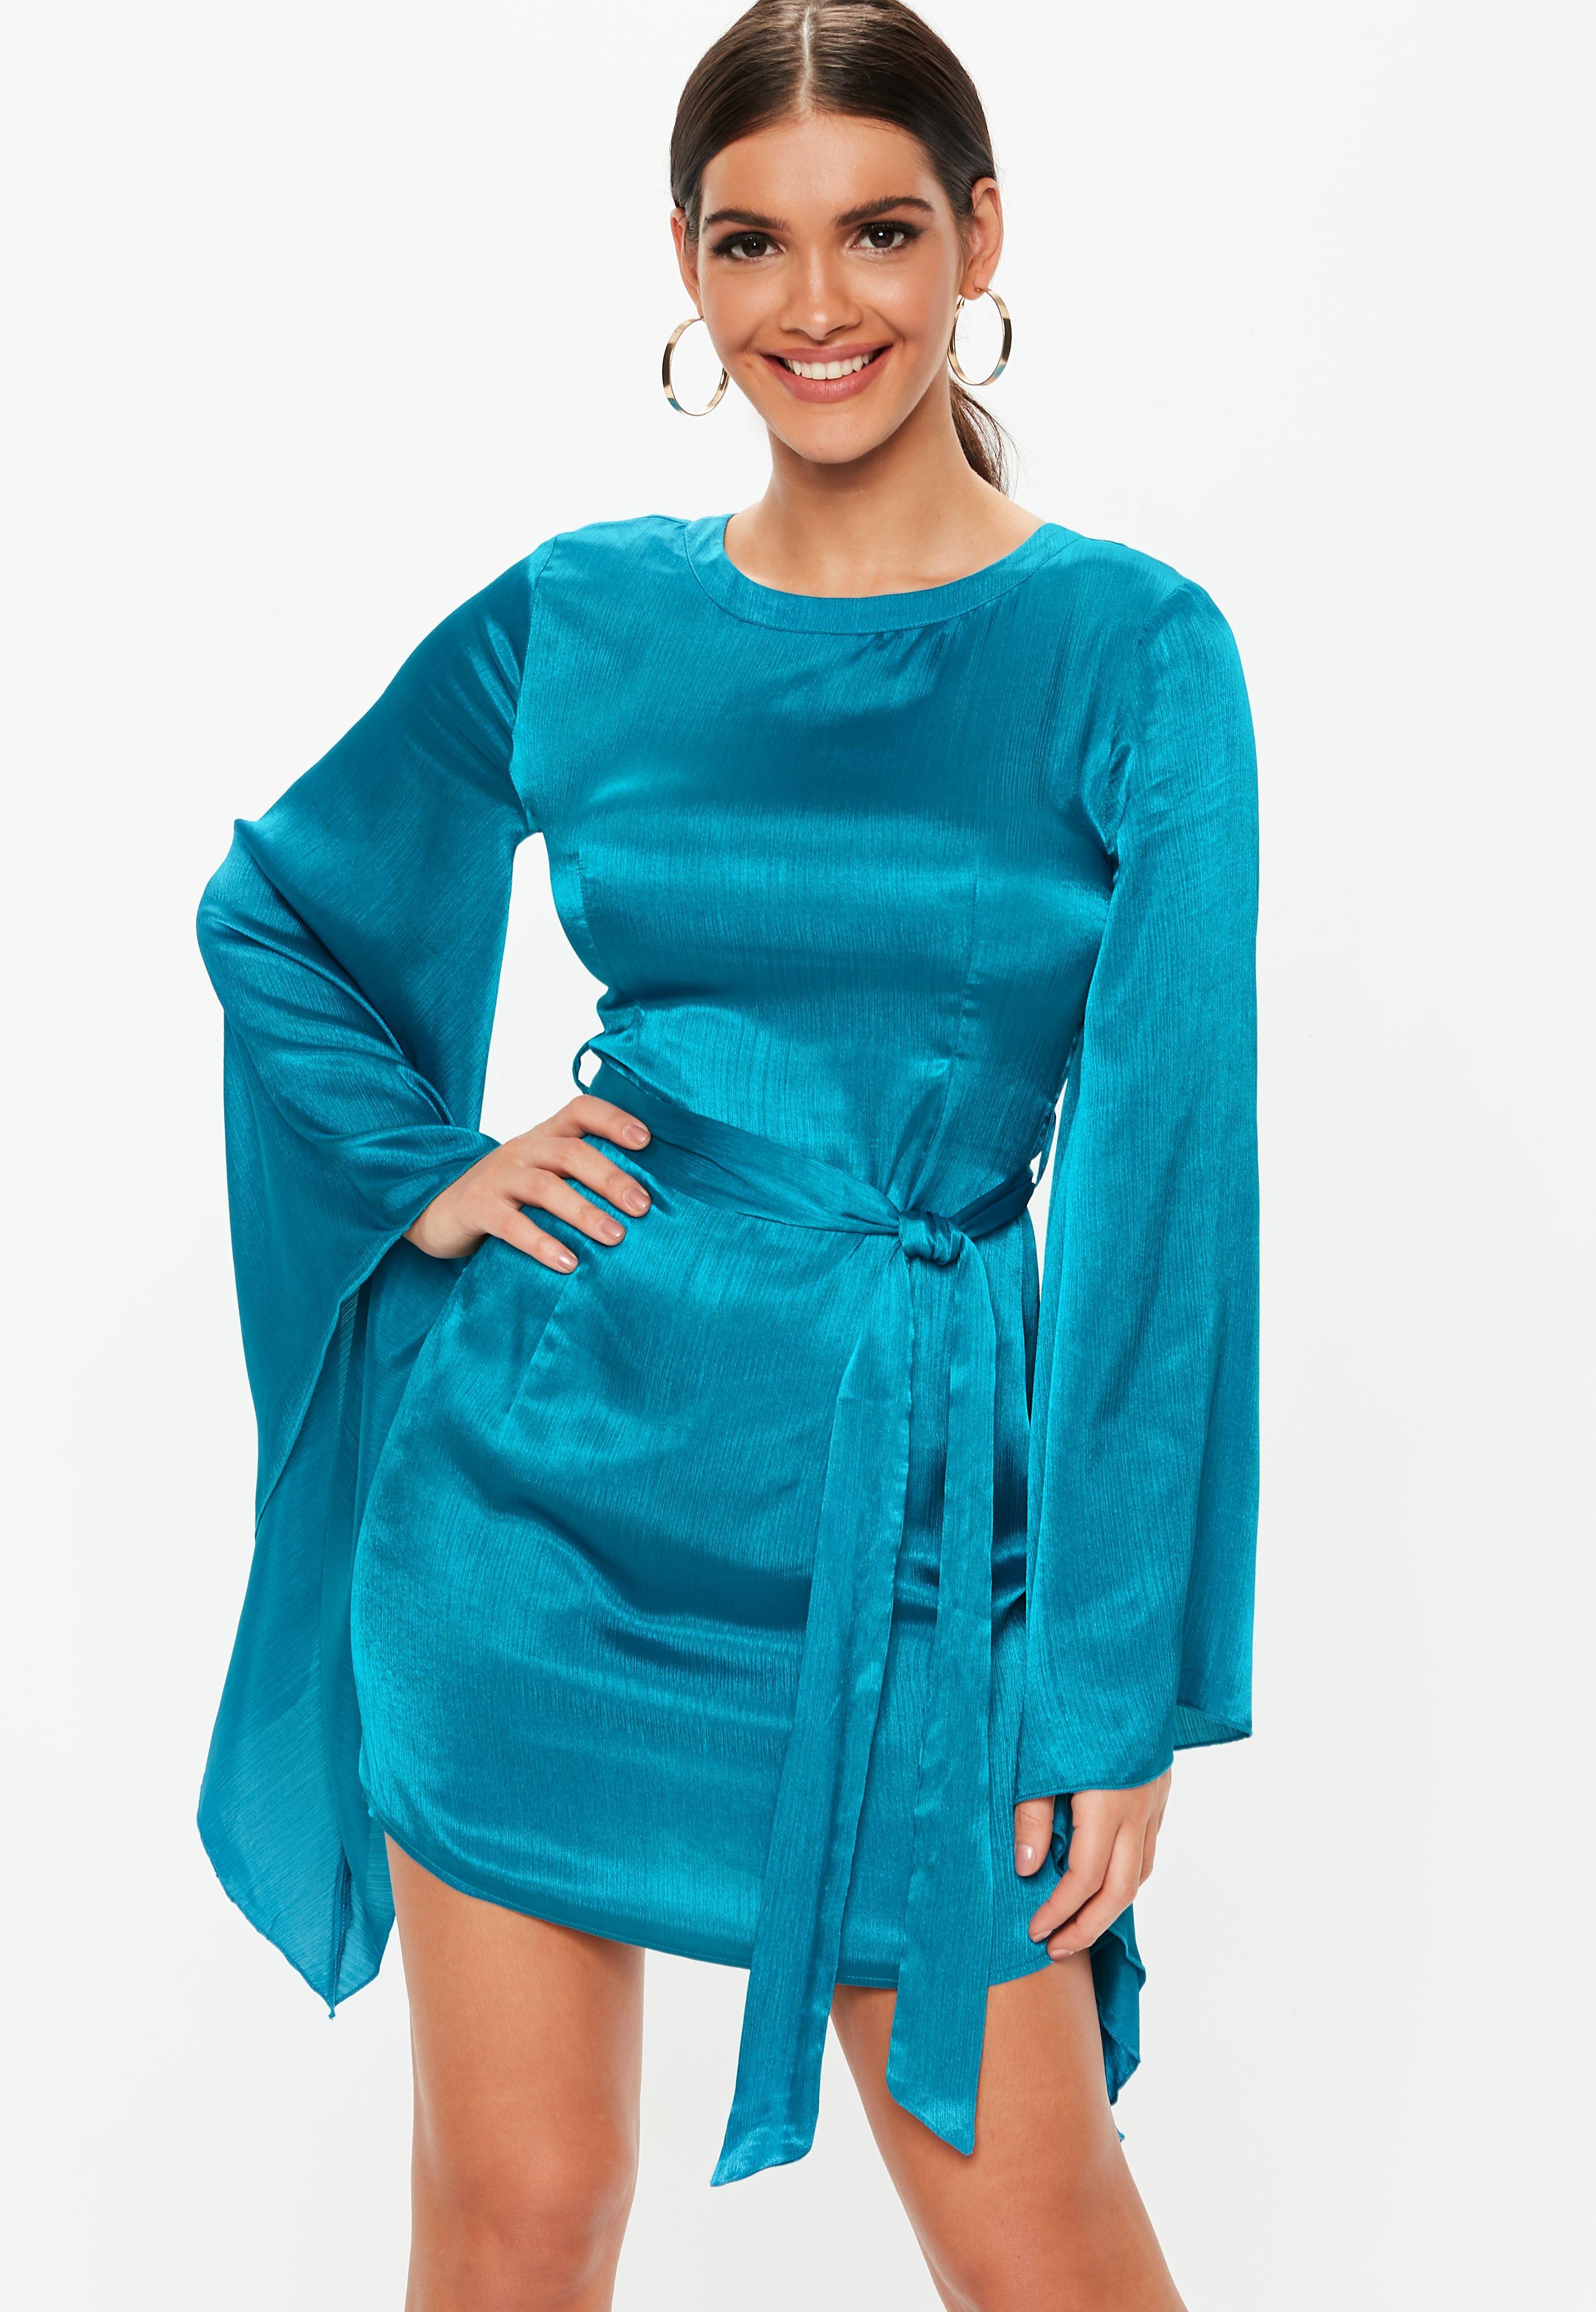 35e6c0d2c80 Robe courte bleu turquoise manches kimonos